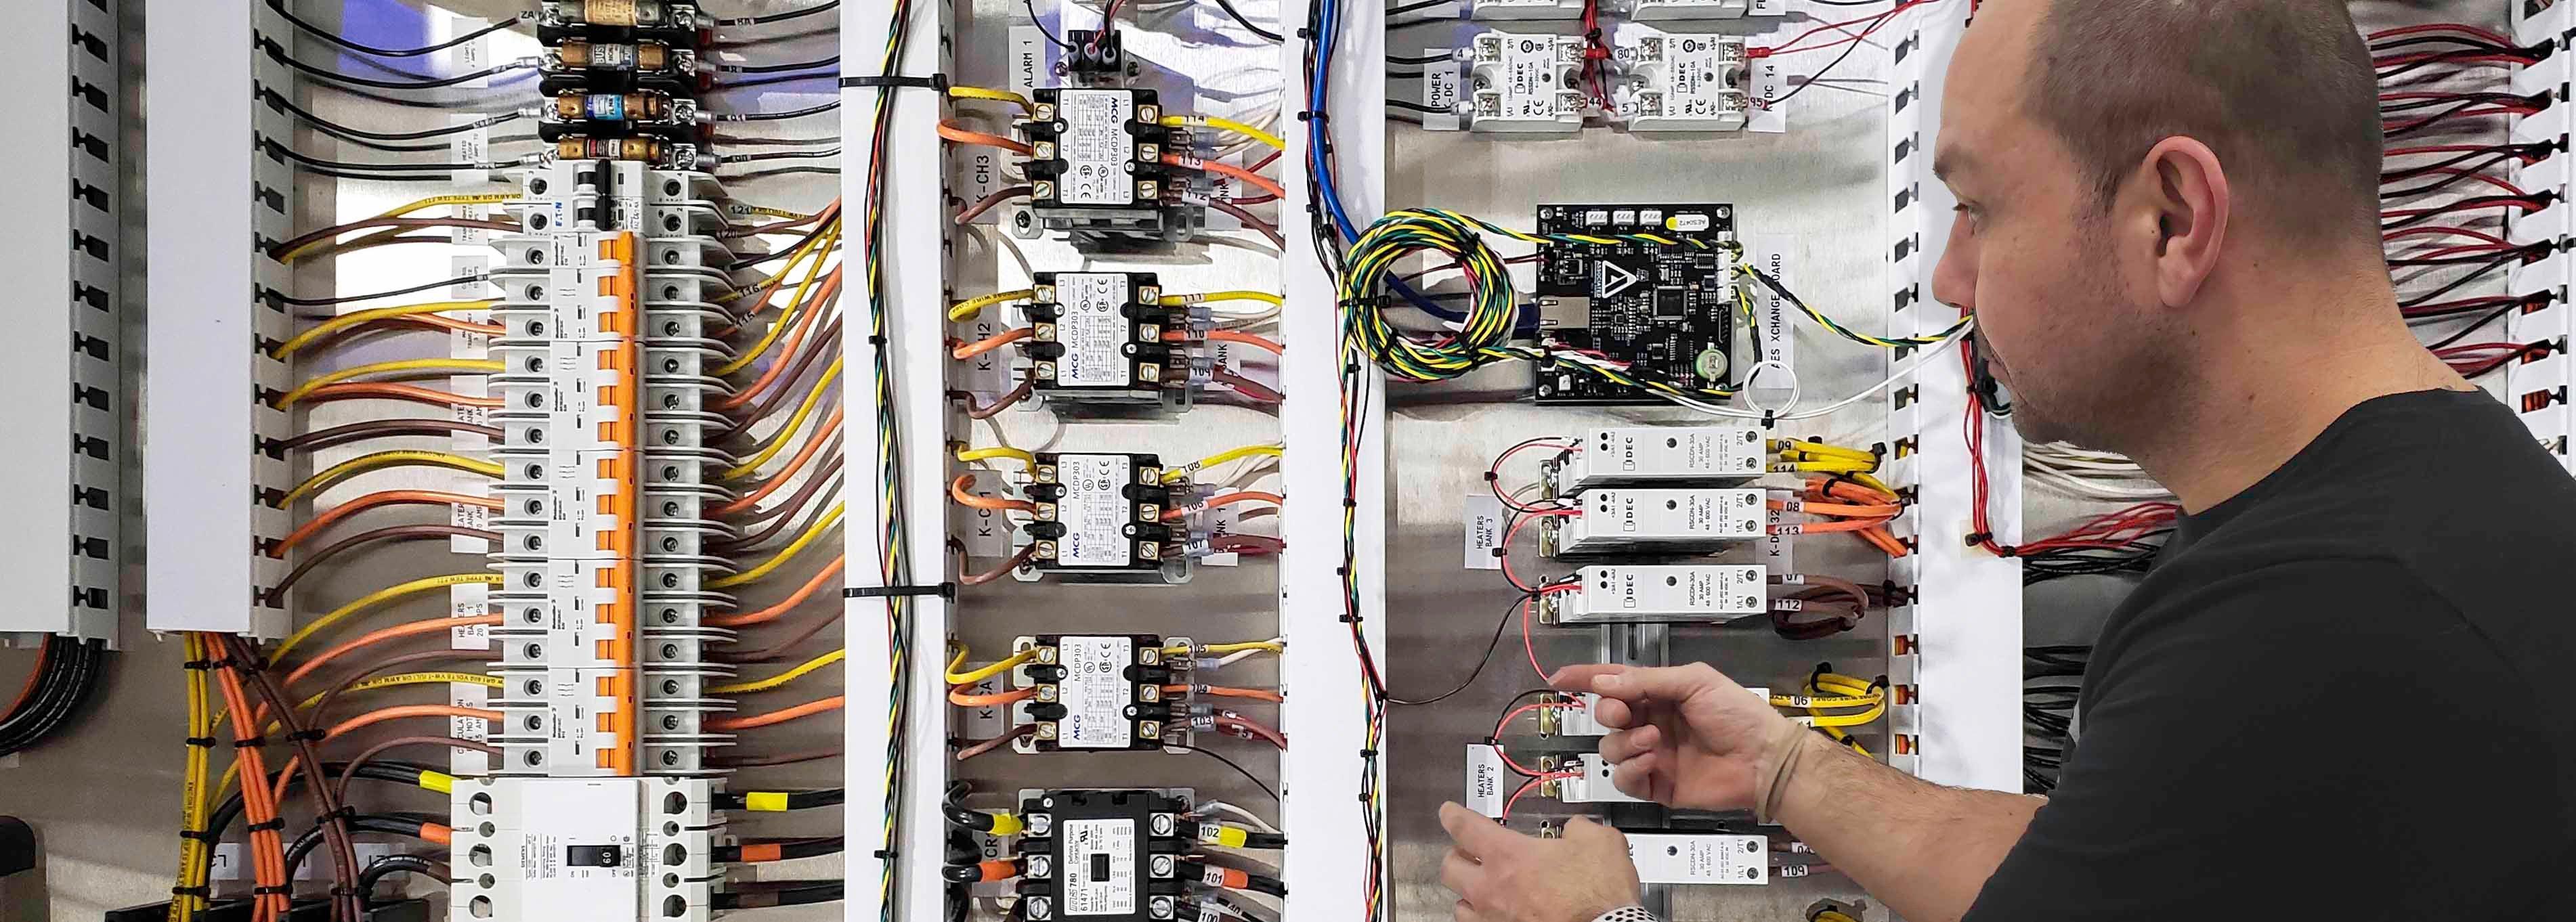 TUV certified panel